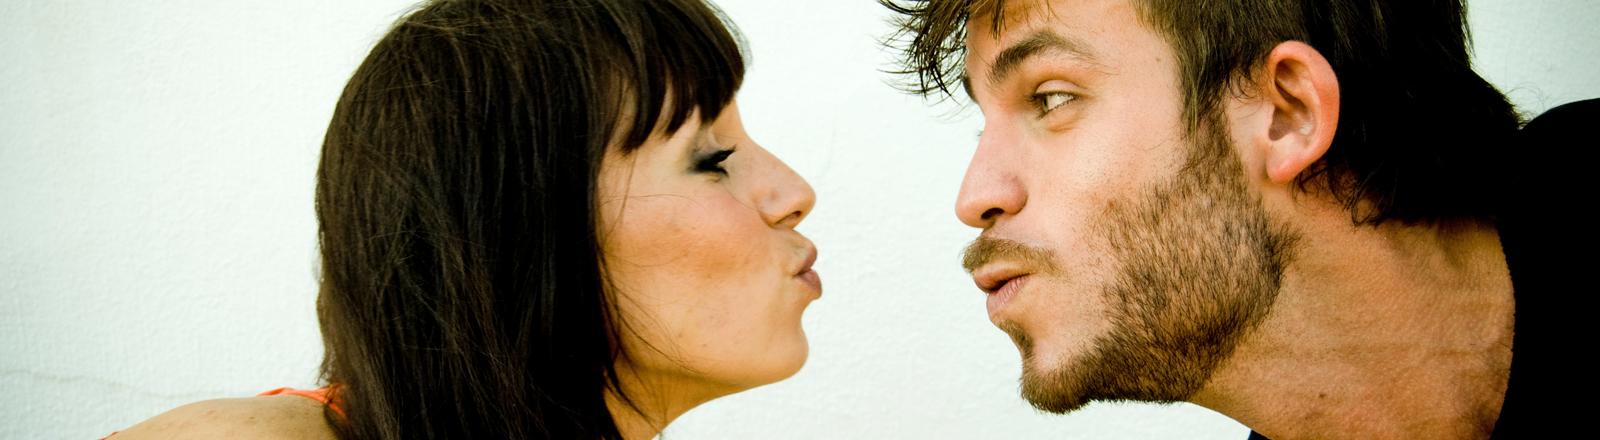 Eine Frau und ein Mann nähern sich mit gespitzten Münder einander. Sie hat die Augen verschlossen, er blickt sie an.